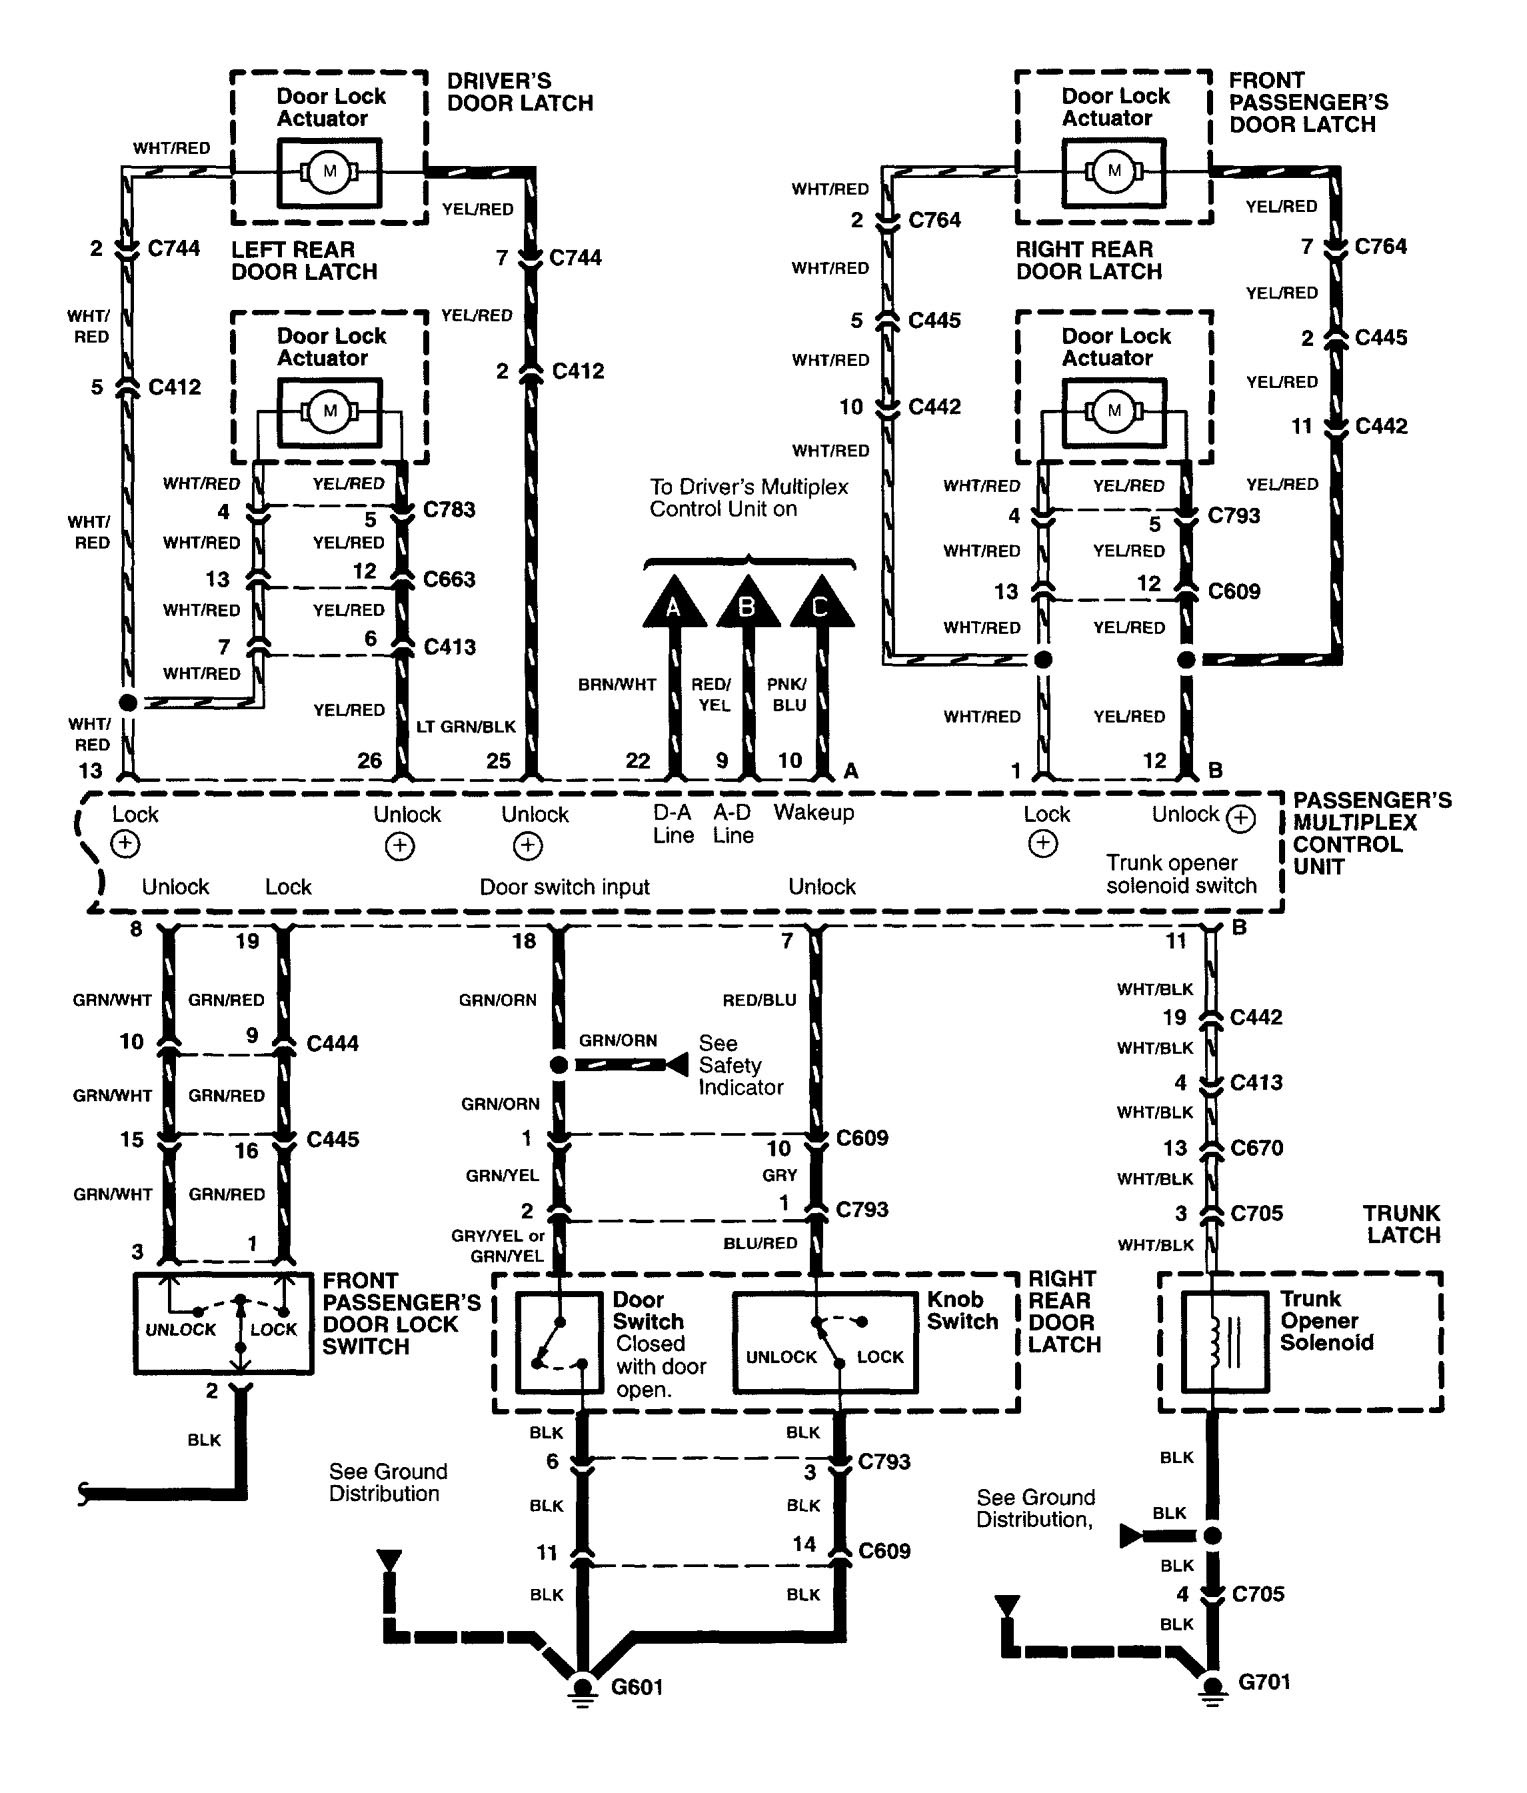 hight resolution of acura legend engine vacuum diagram acura auto wiring diagram 4l80e transmission wiring diagram gm transmission diagram